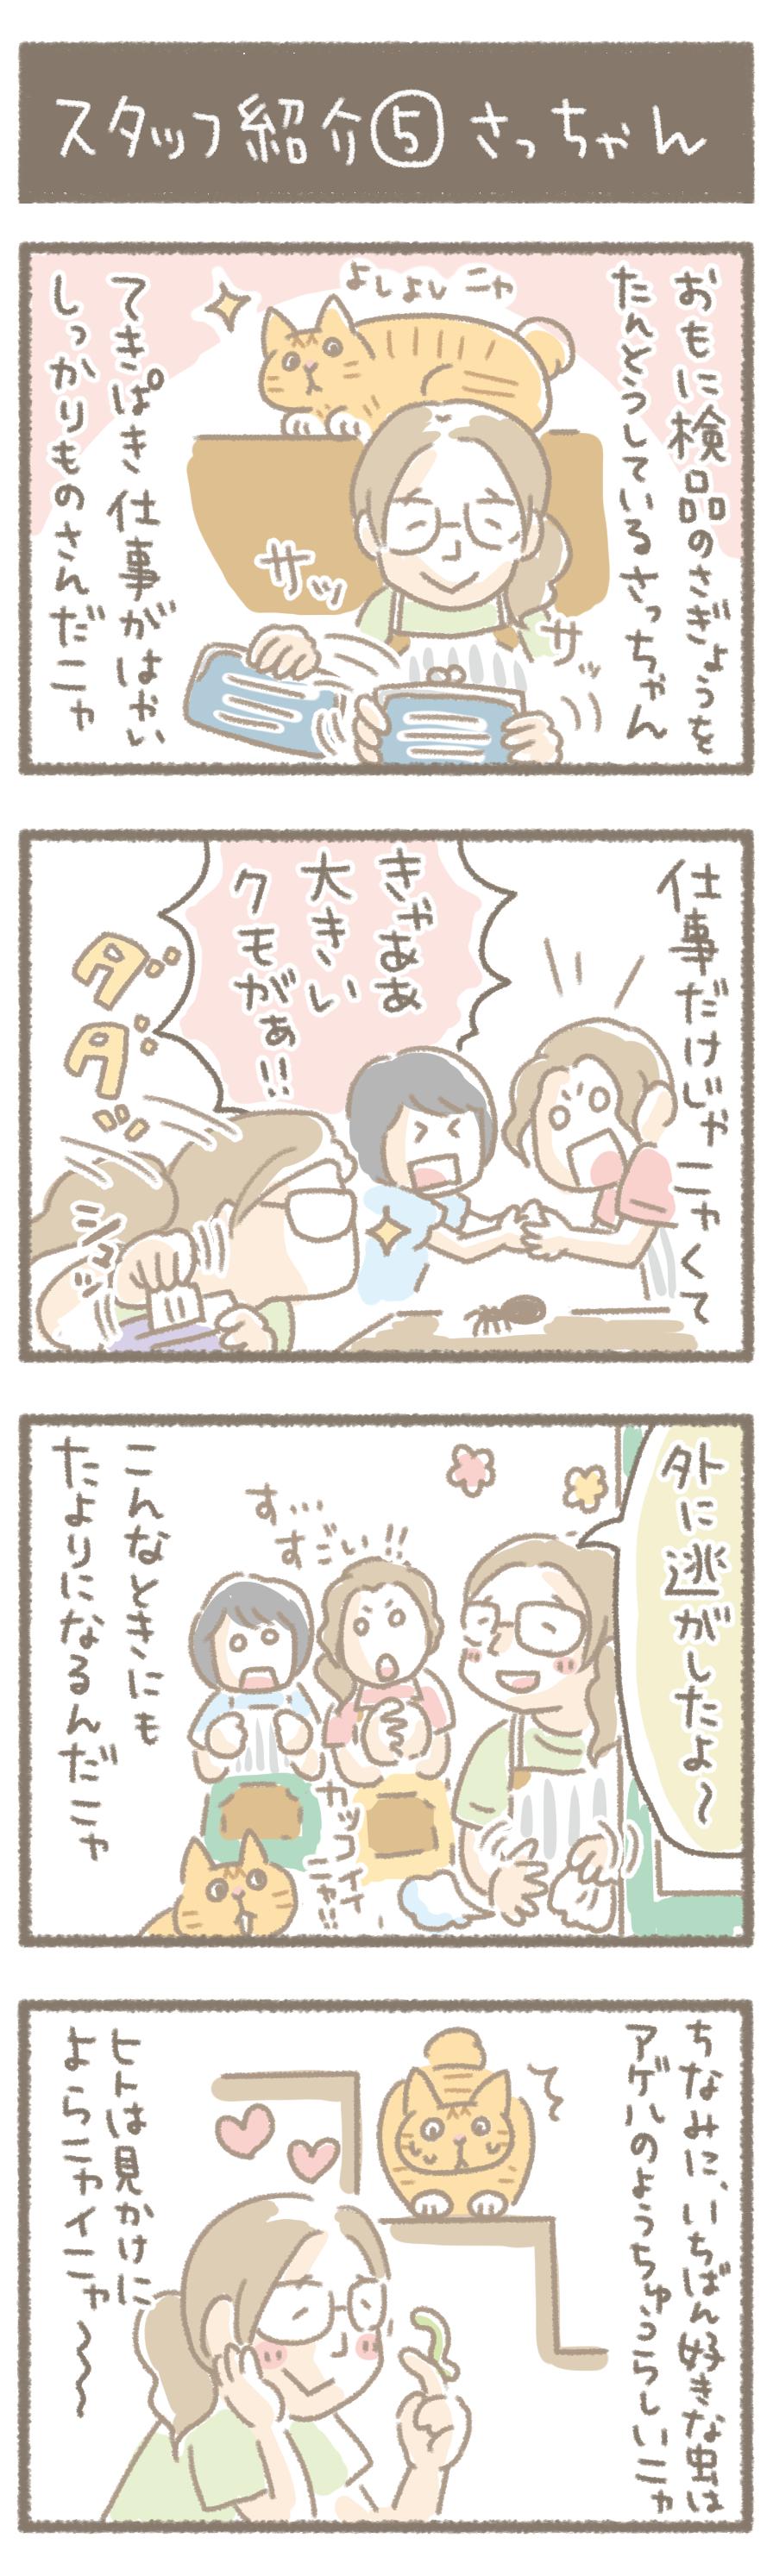 スタッフ紹介⑤さっちゃん